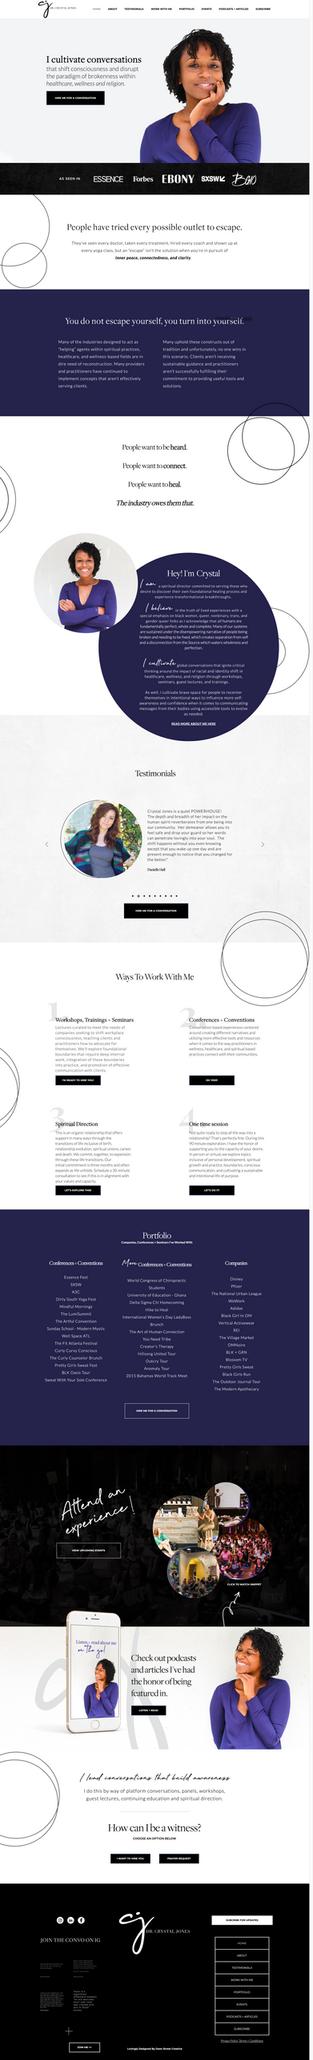 Web Design For Dr. Crystal Jones